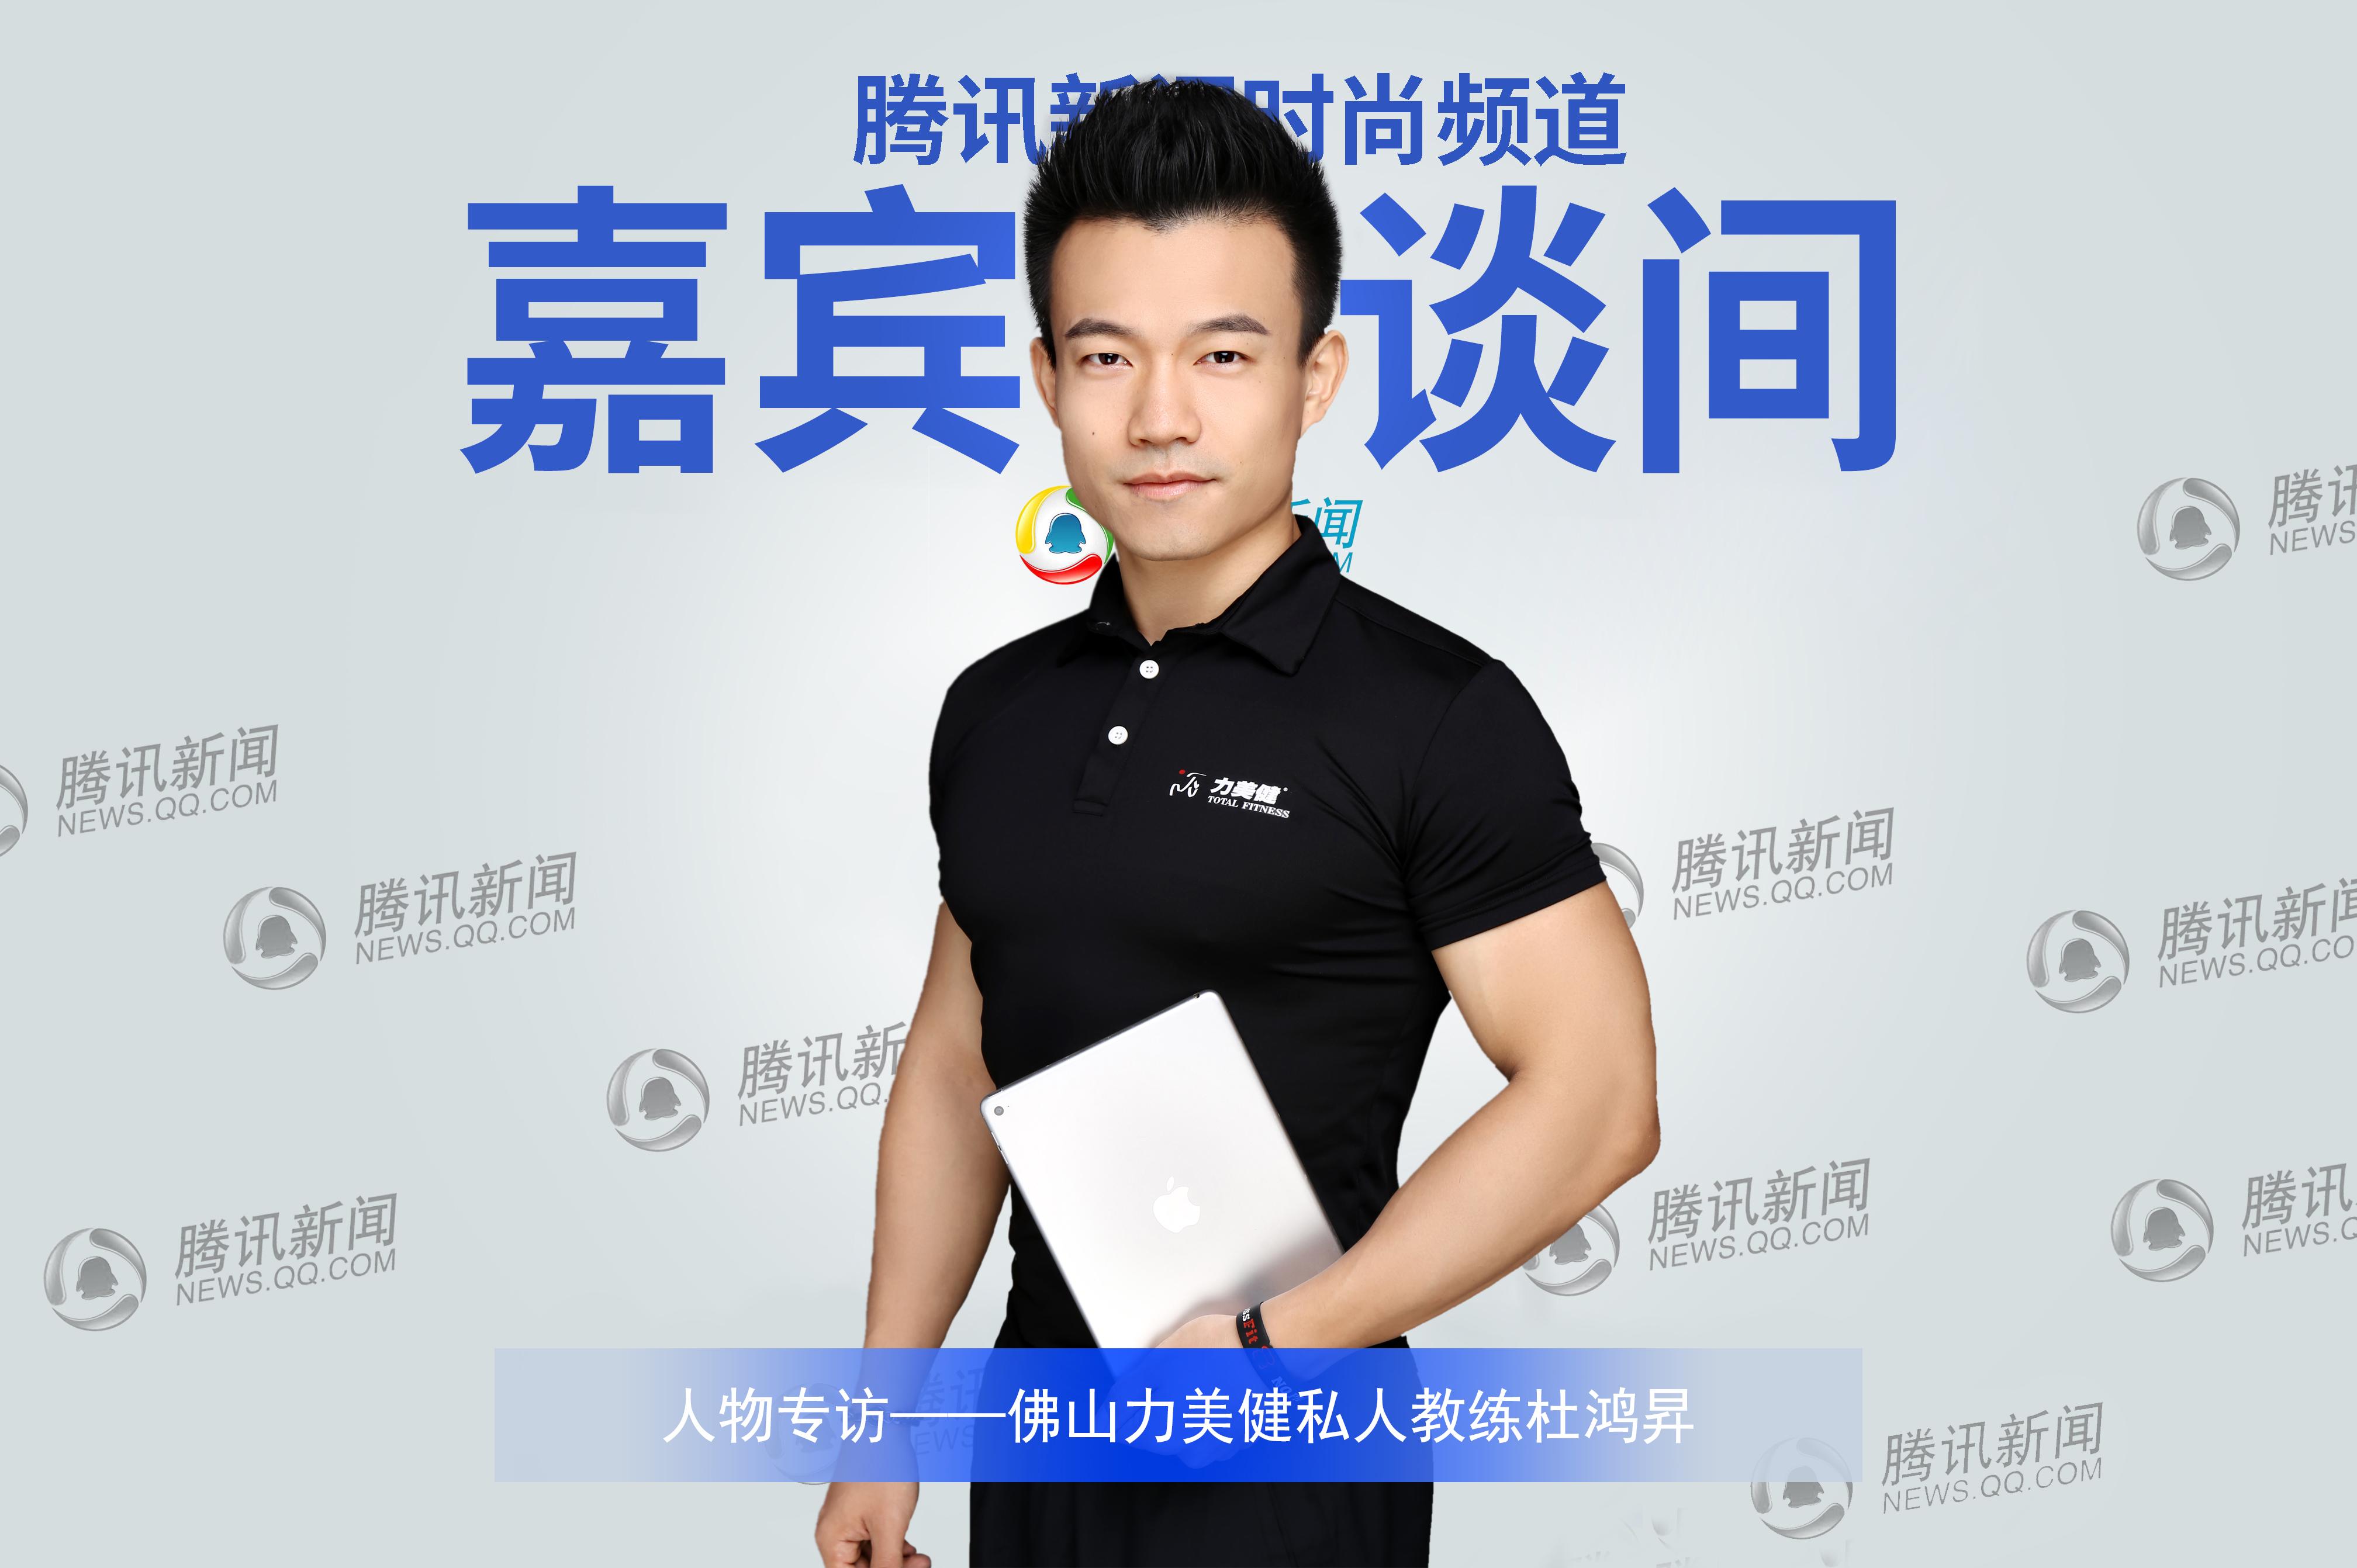 佛山力美健教练杜鸿昇 | 一个健身教练的十年坚守